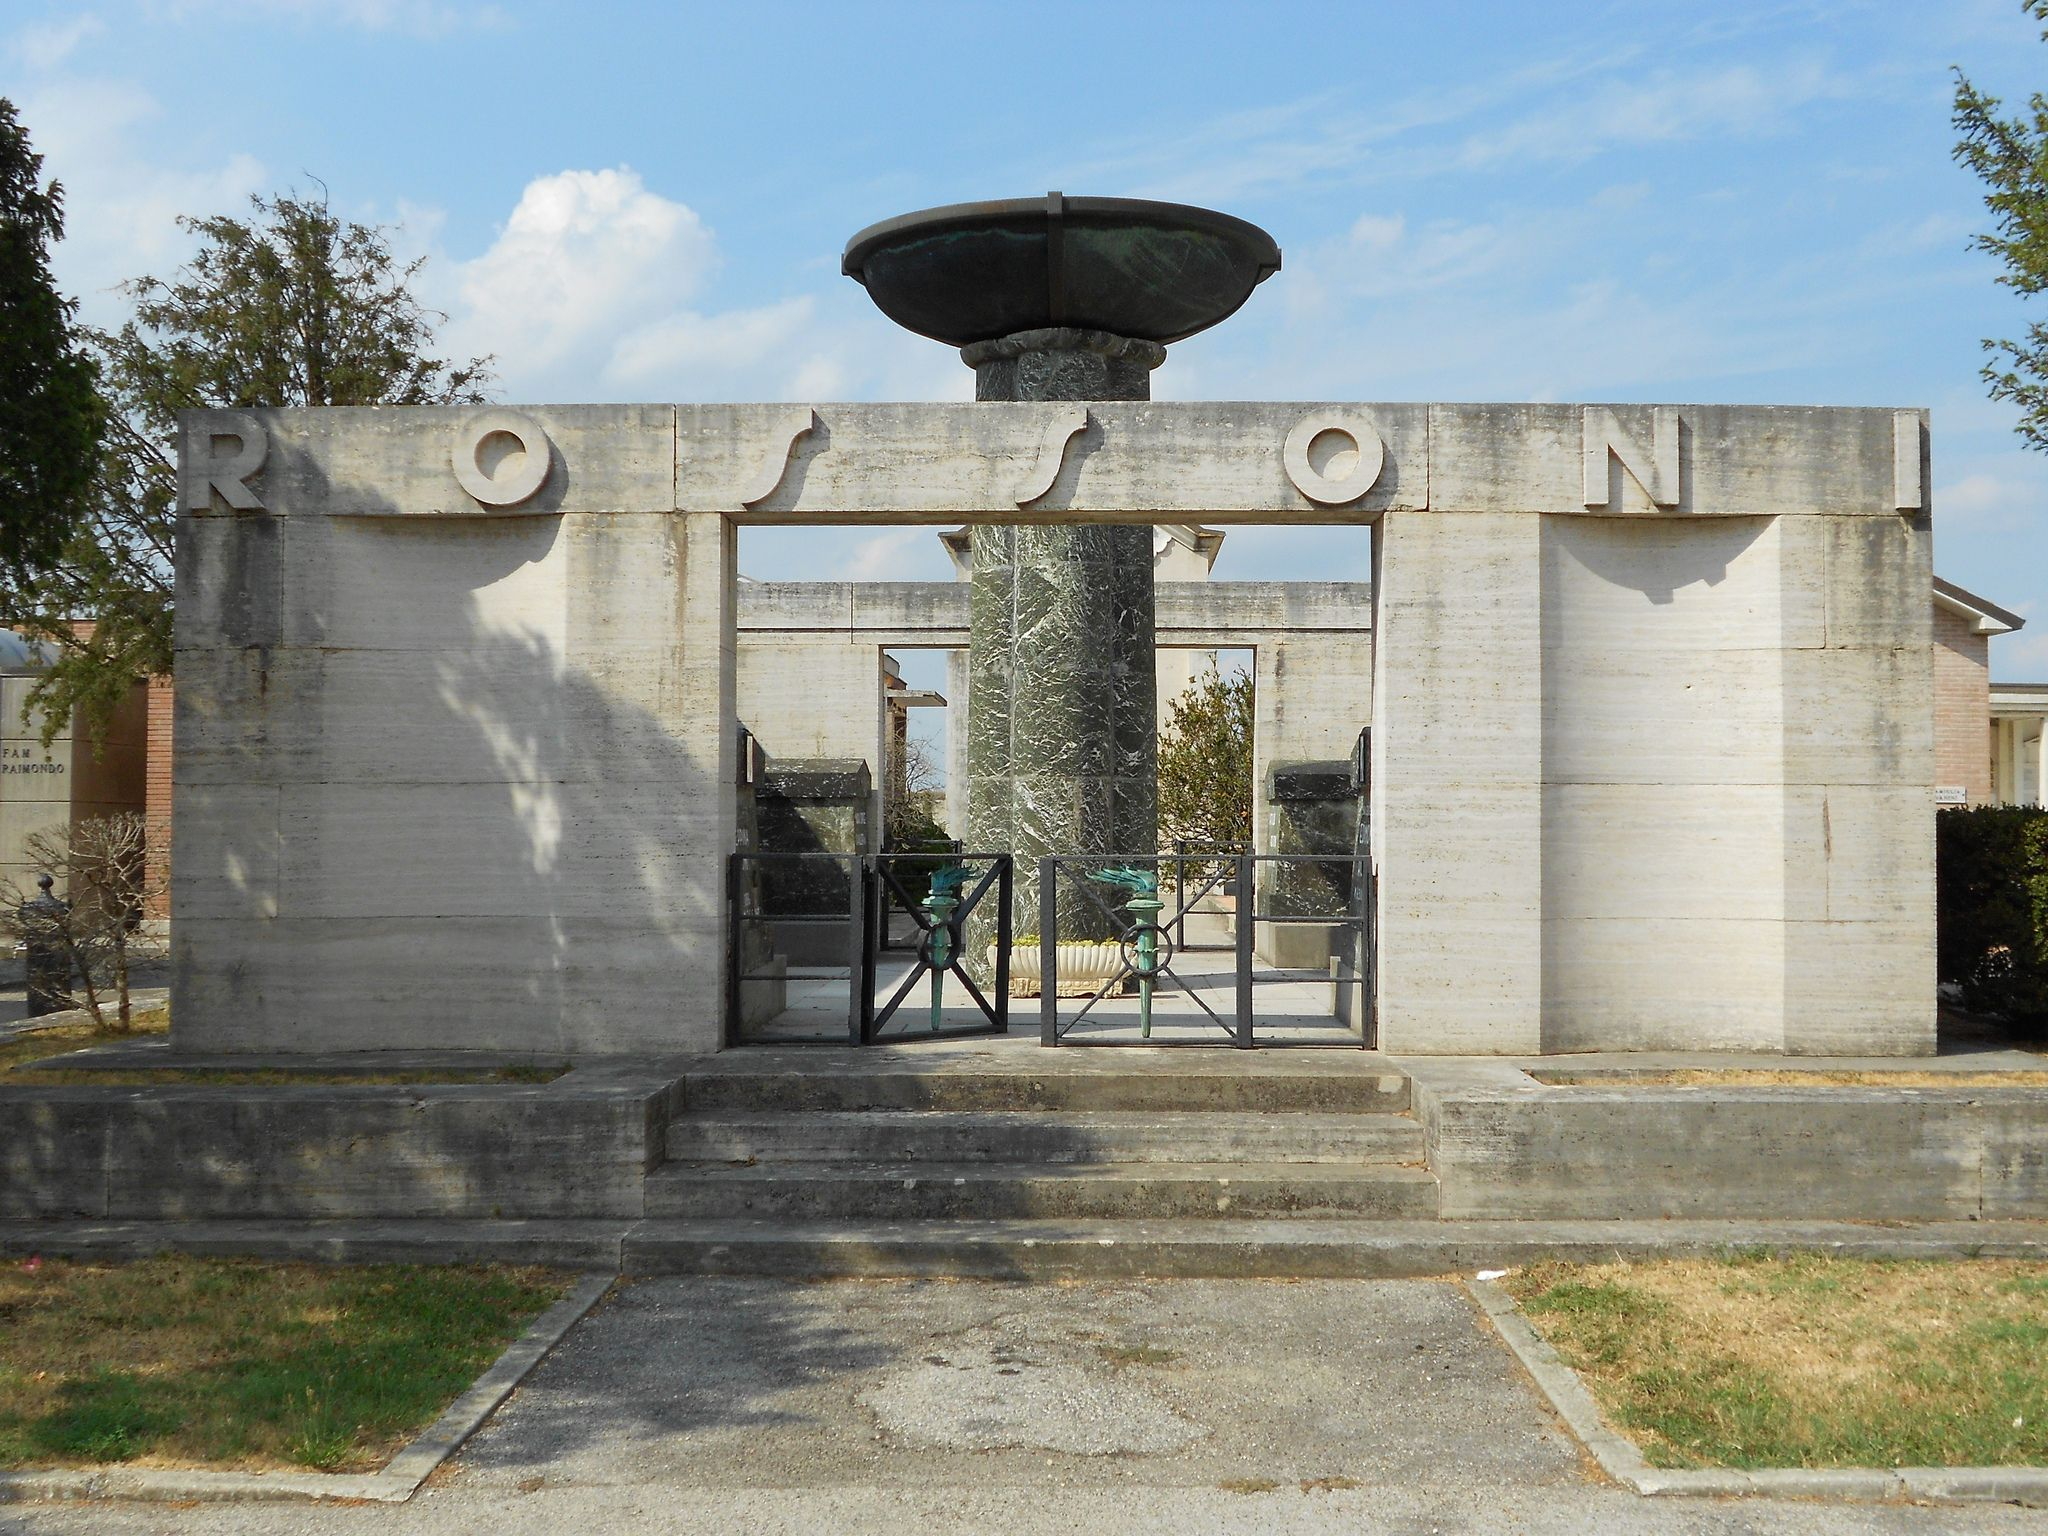 Tomba del ministro Edmondo Rossoni, progettista dell'assetto urbanistico complessivo della nuova Tresigallo